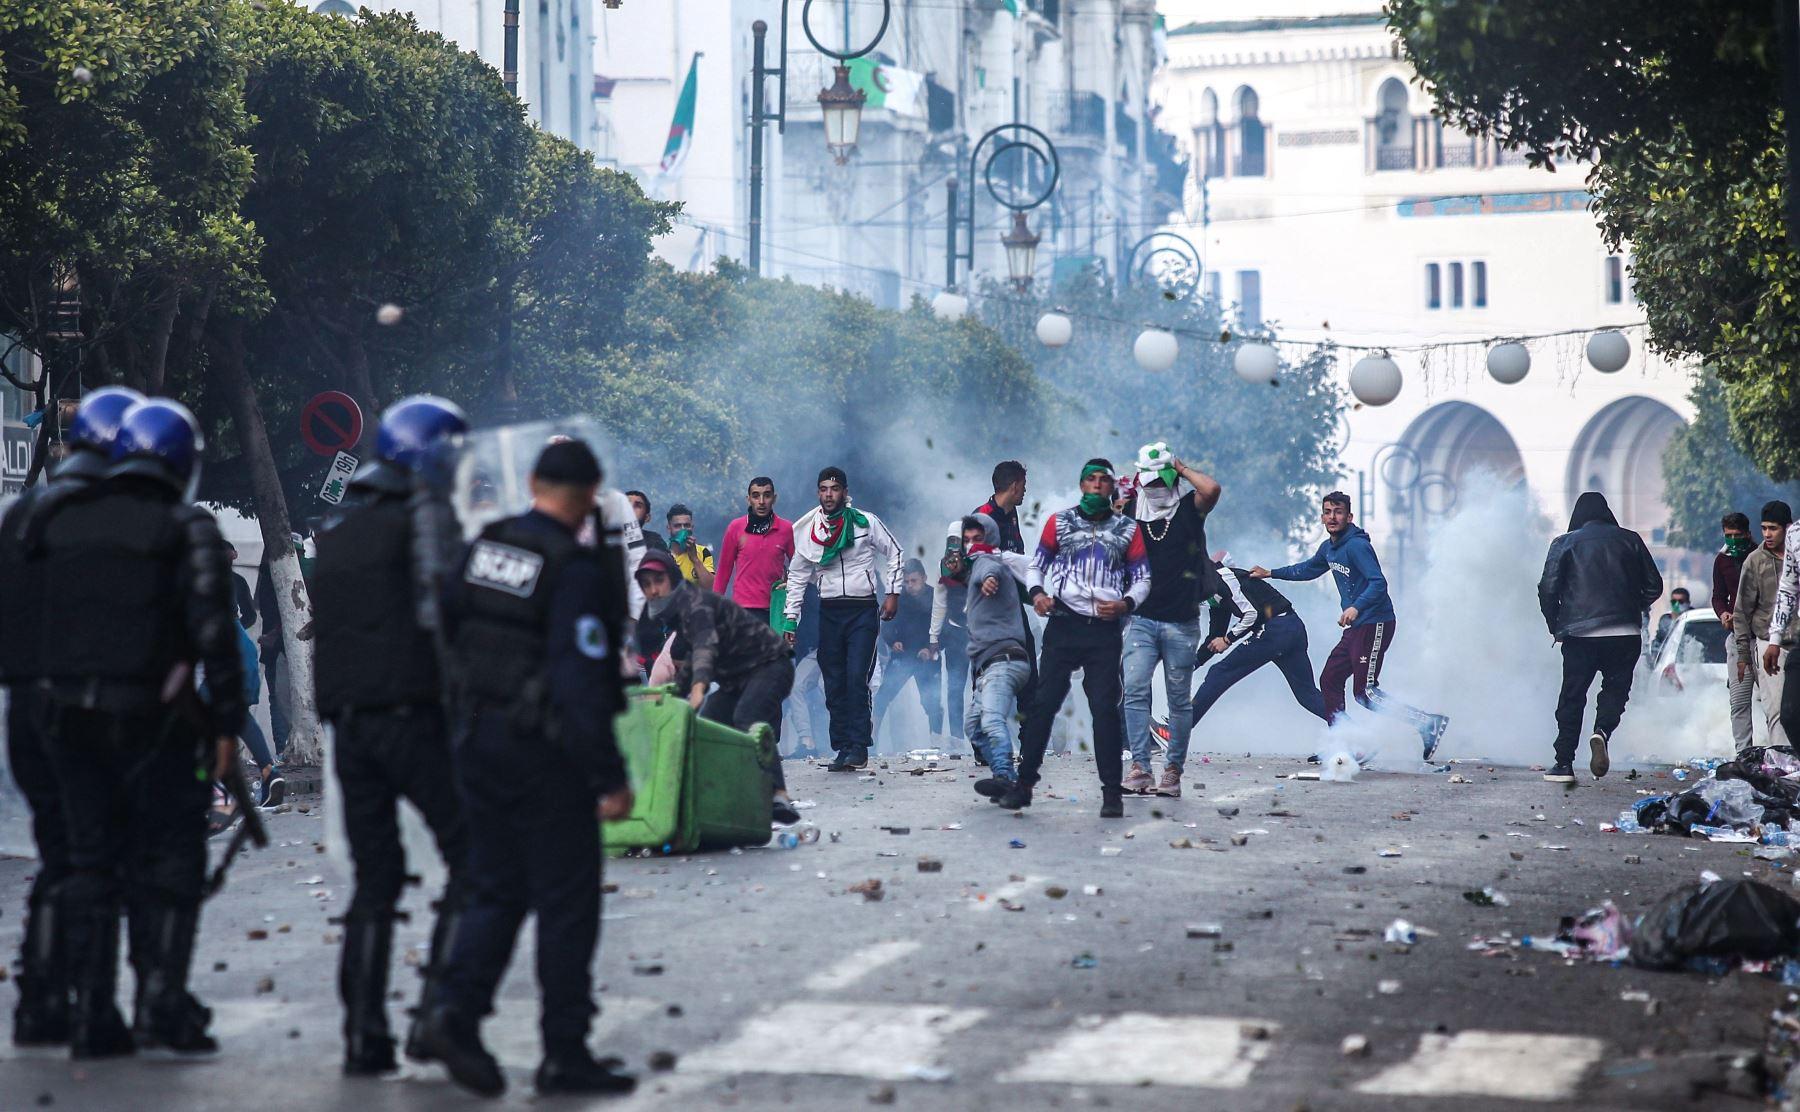 Los manifestantes argelinos se enfrentarán con la policía antidisturbios durante una manifestación antigubernamental en la capital, Argel, el 12 de abril de 2019. Foto: AFP